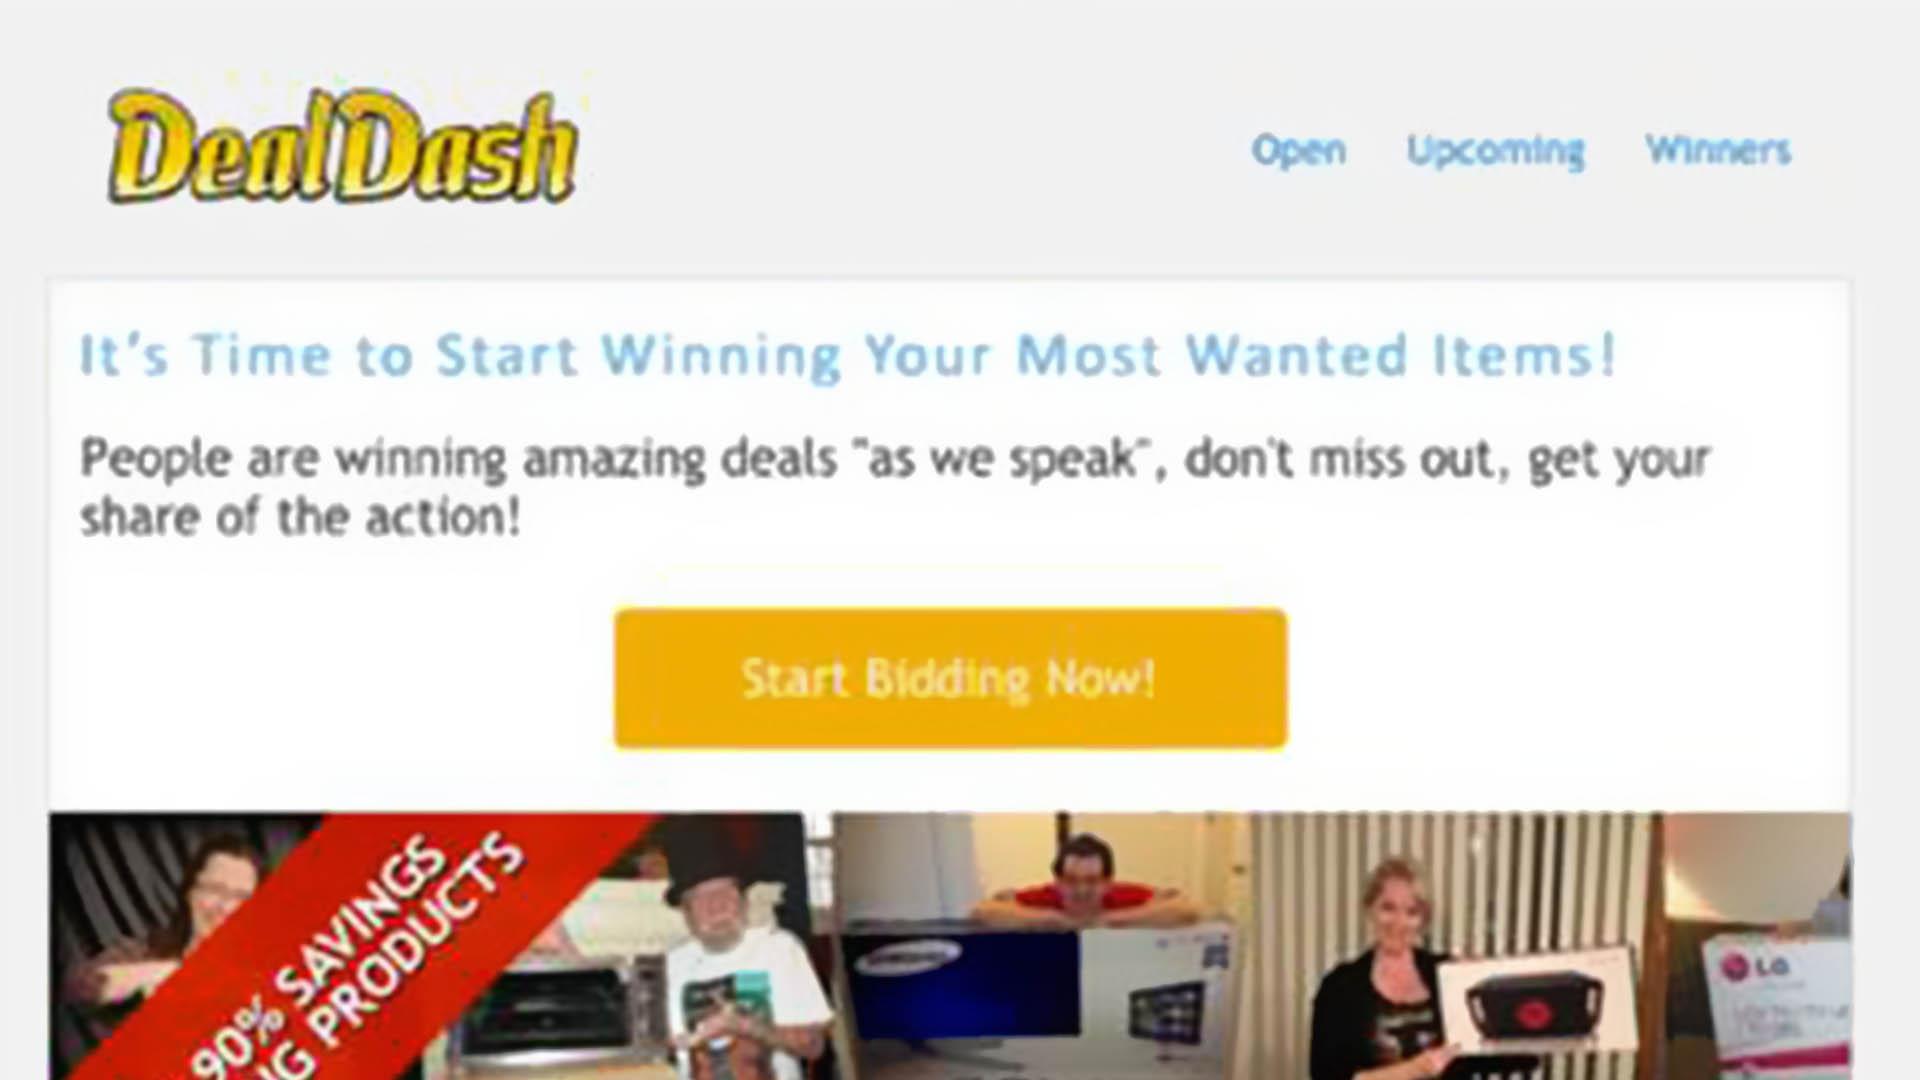 Deal Dash 2